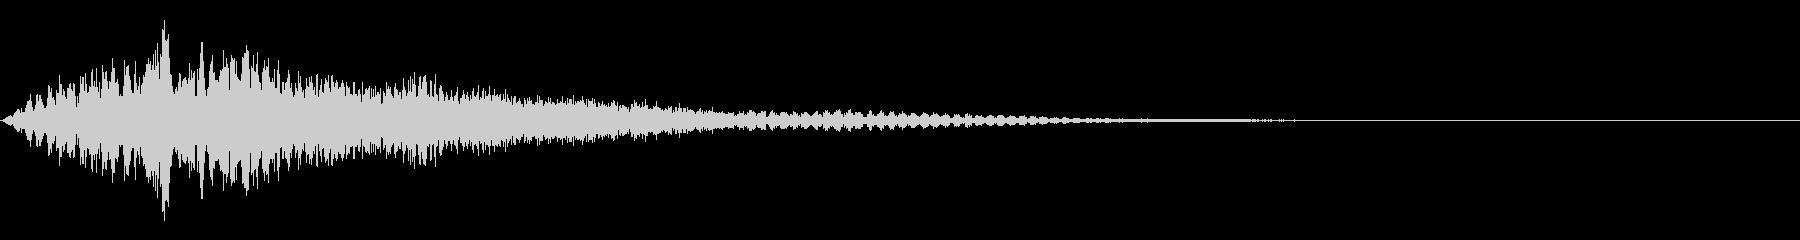 【ホラー】スリル SE_02 敵出現の未再生の波形